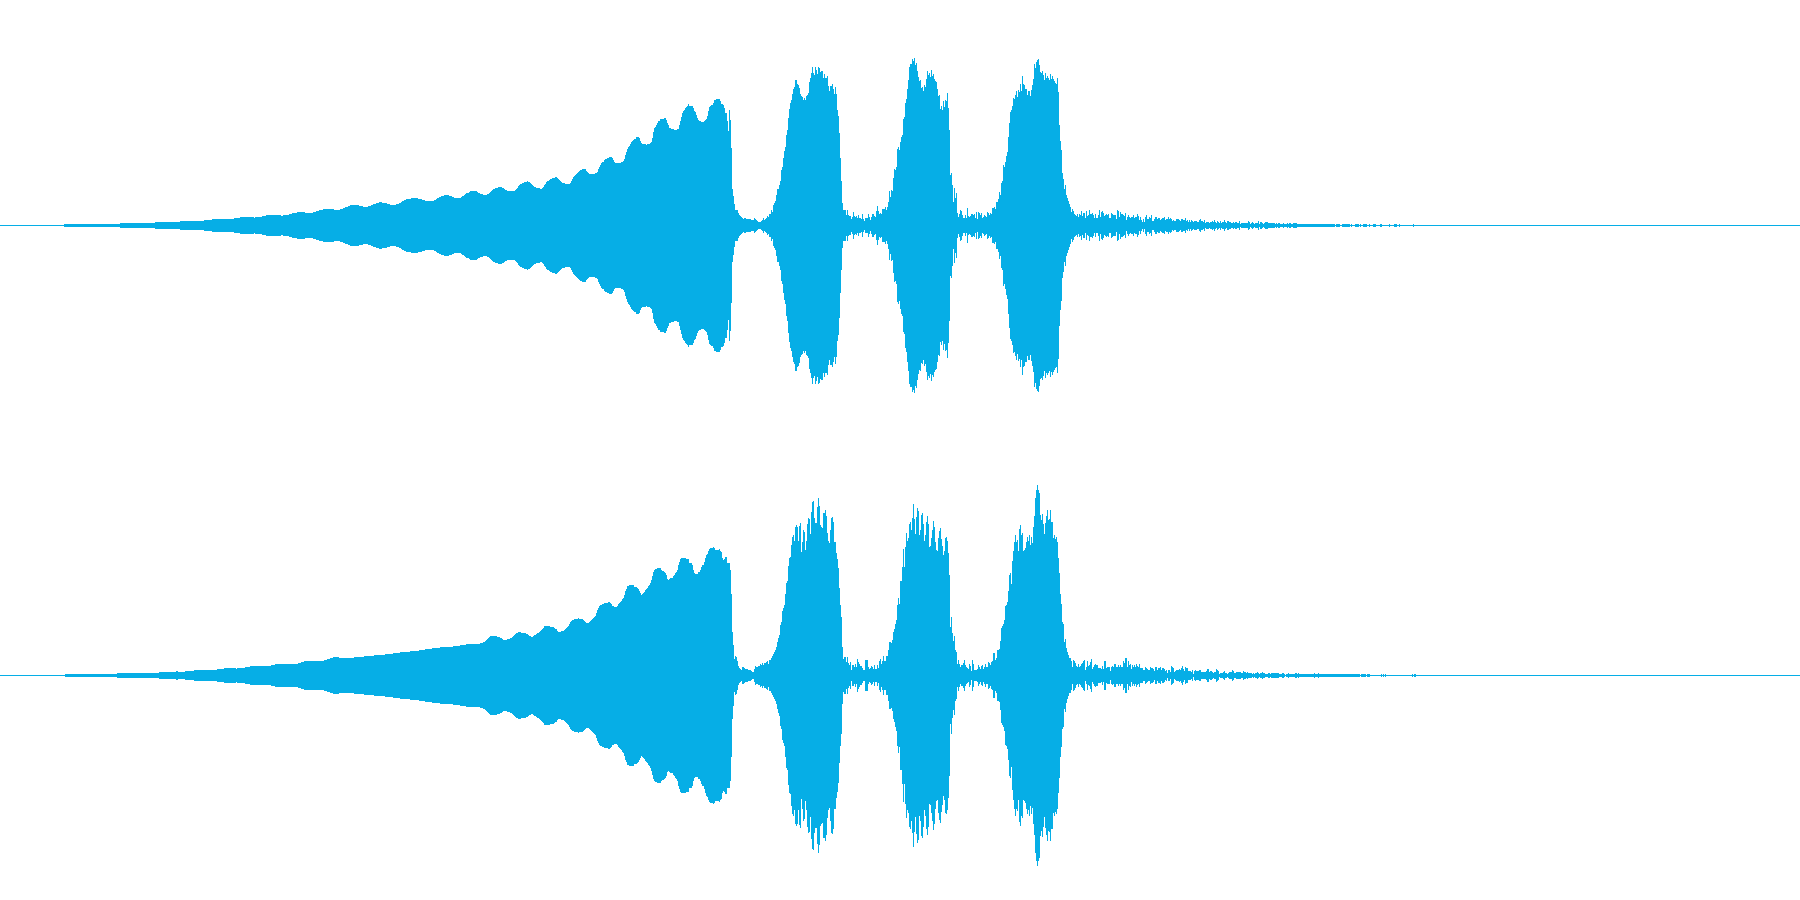 うぐいすの鳴き声 1A ほーほけきょの再生済みの波形